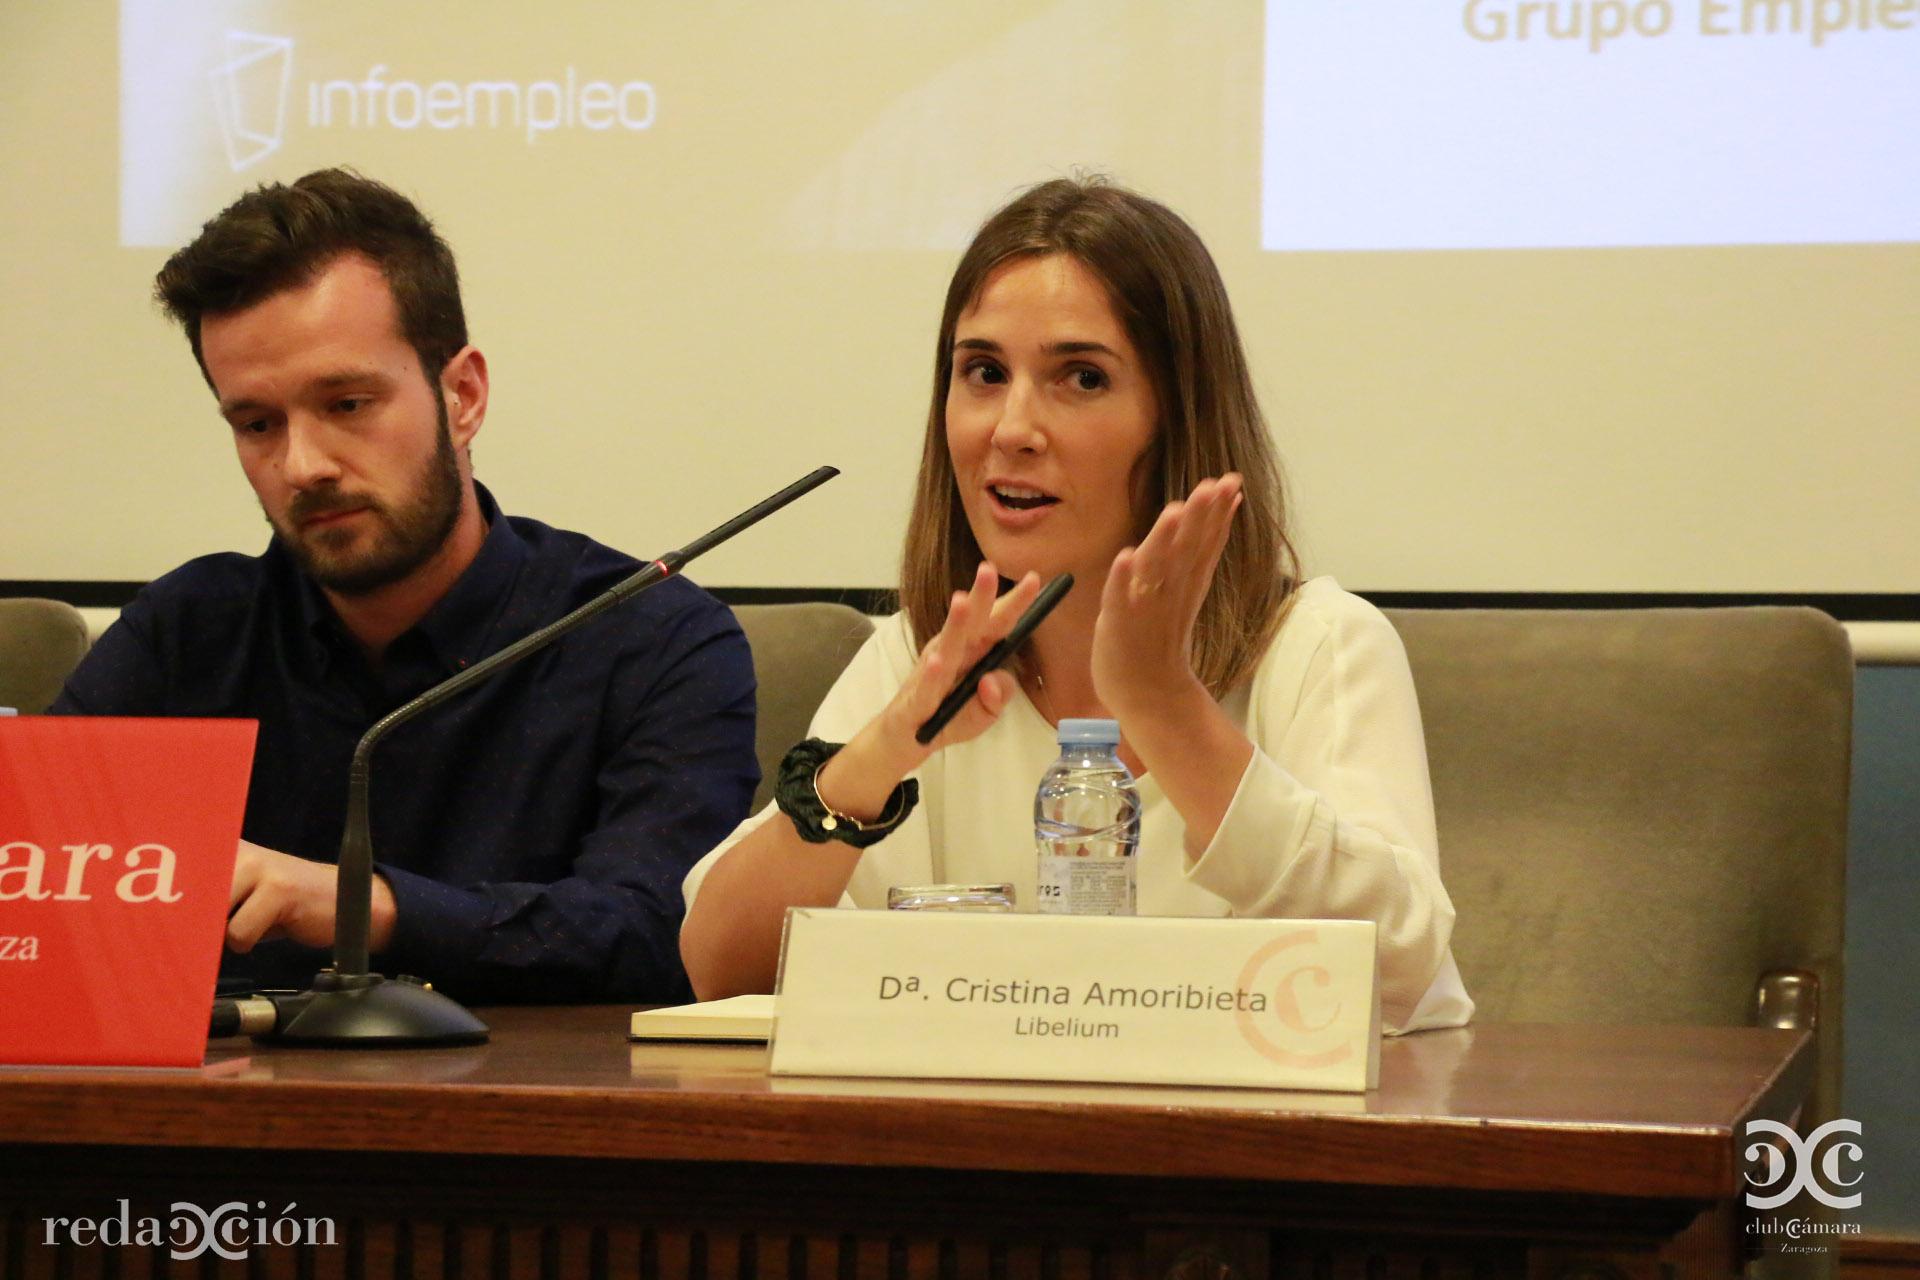 Cristina Amoribieta